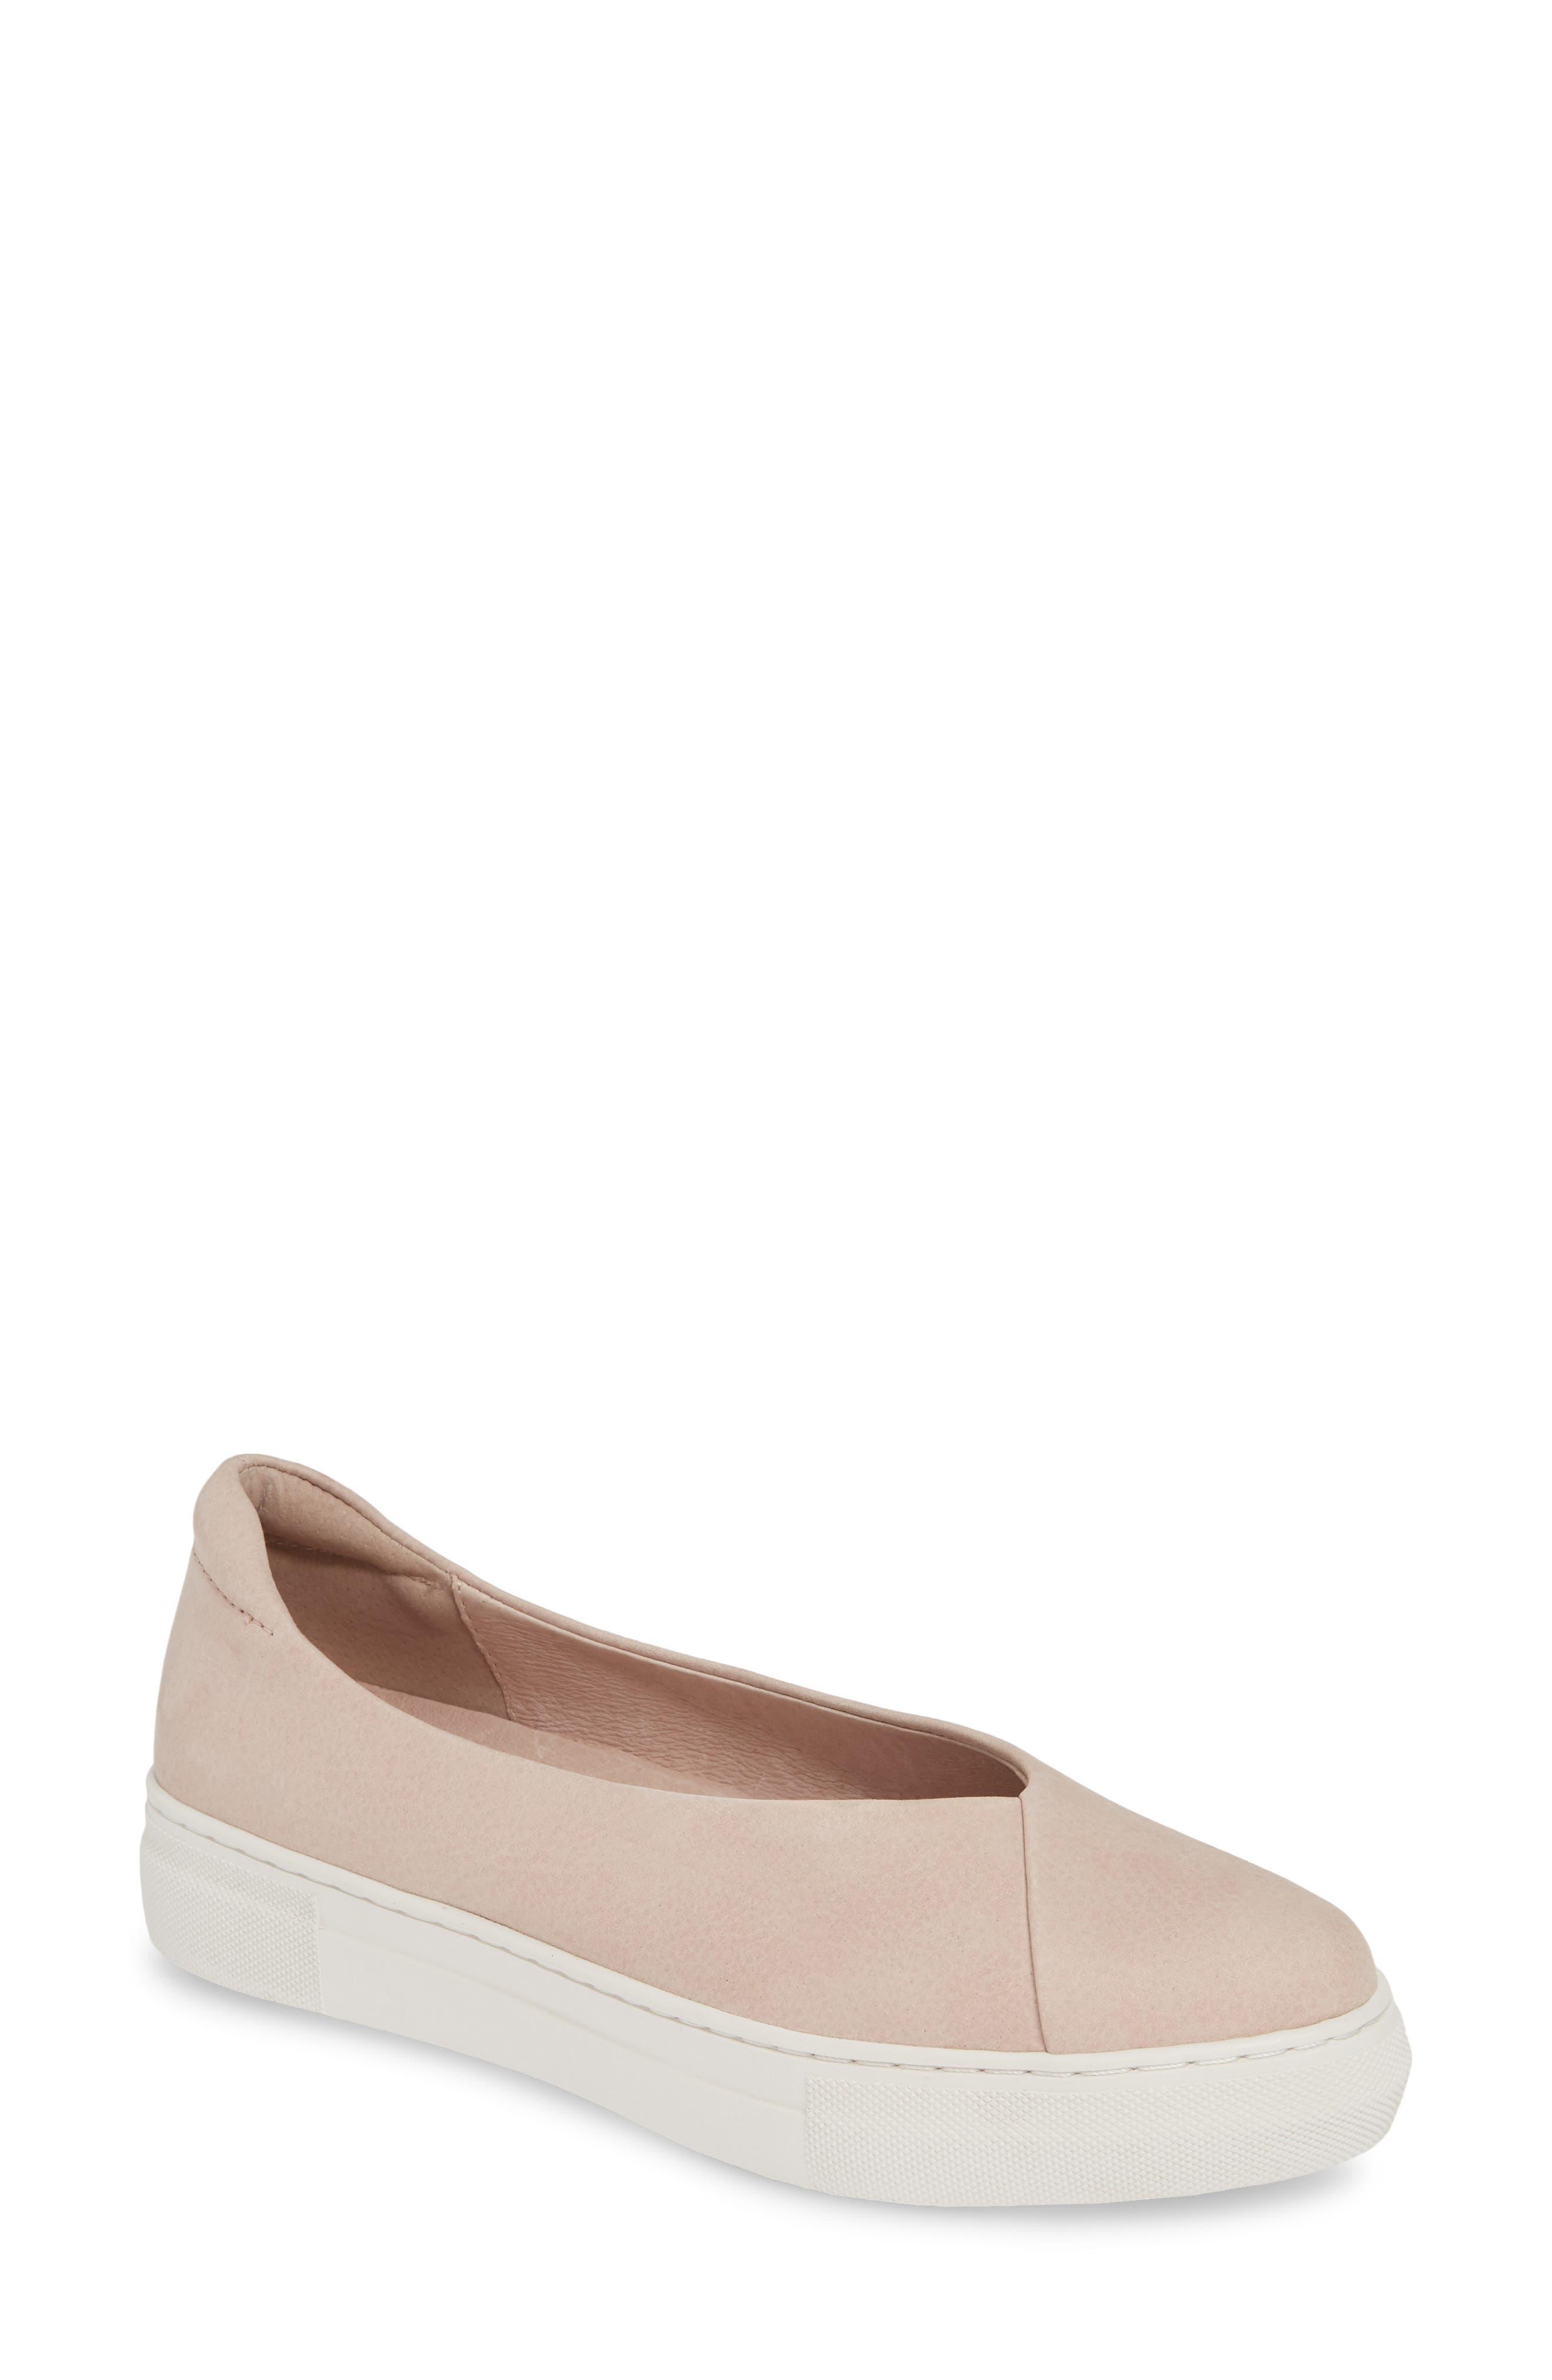 Jslides Felicia Slip-On Sneaker, Pink